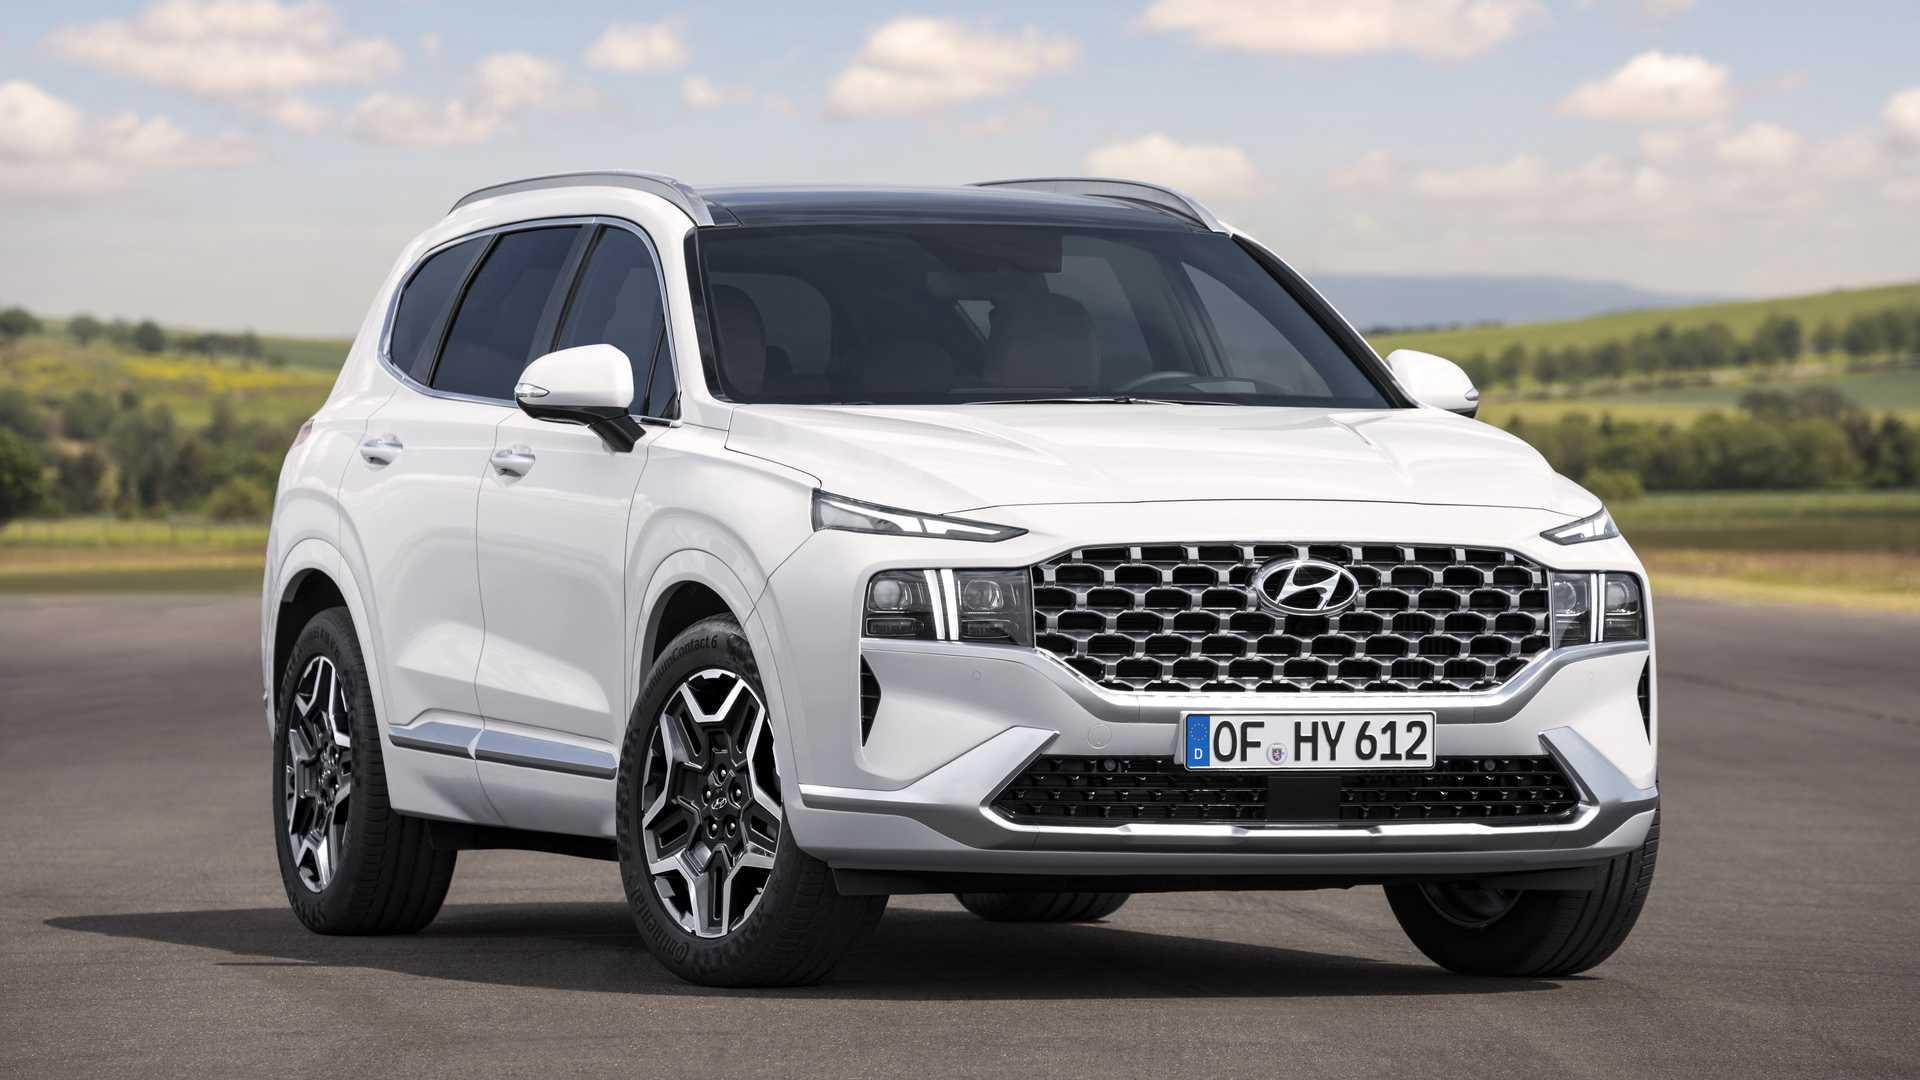 Hyundai Santa Fe Tunjukkan Wajah Baru Dan Interior Baru